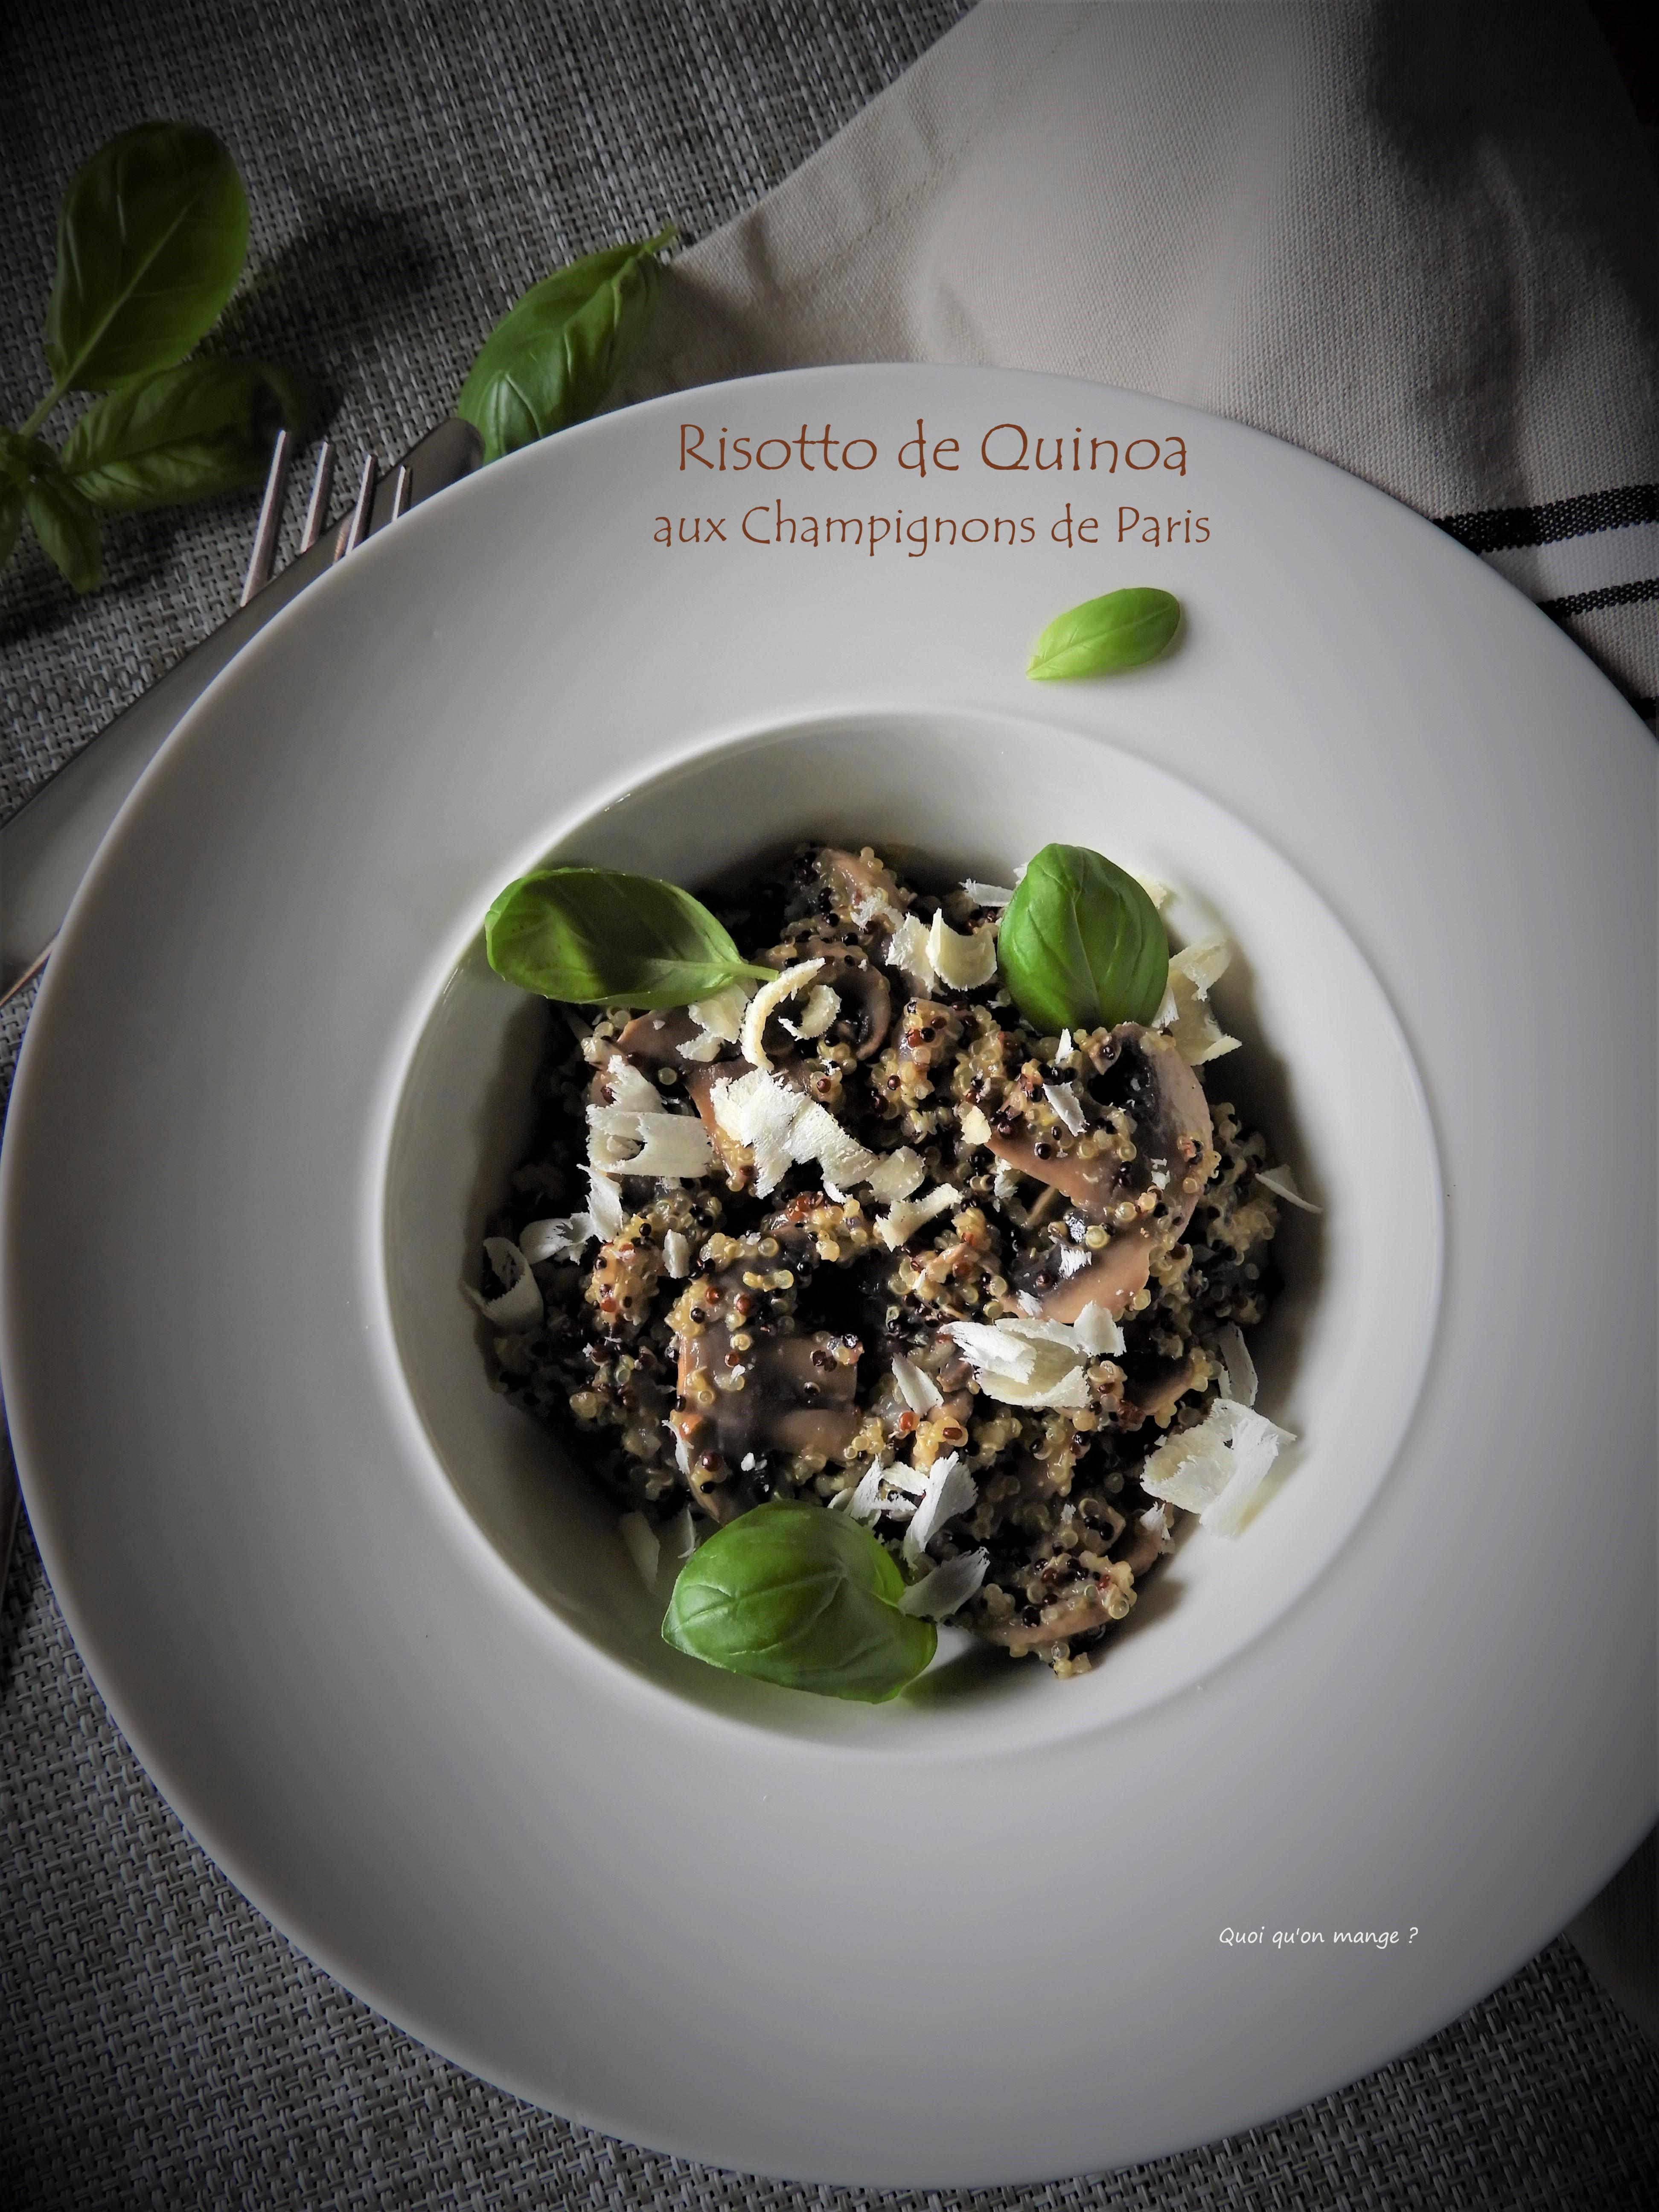 Risotto de quinoa aux champignons de Paris